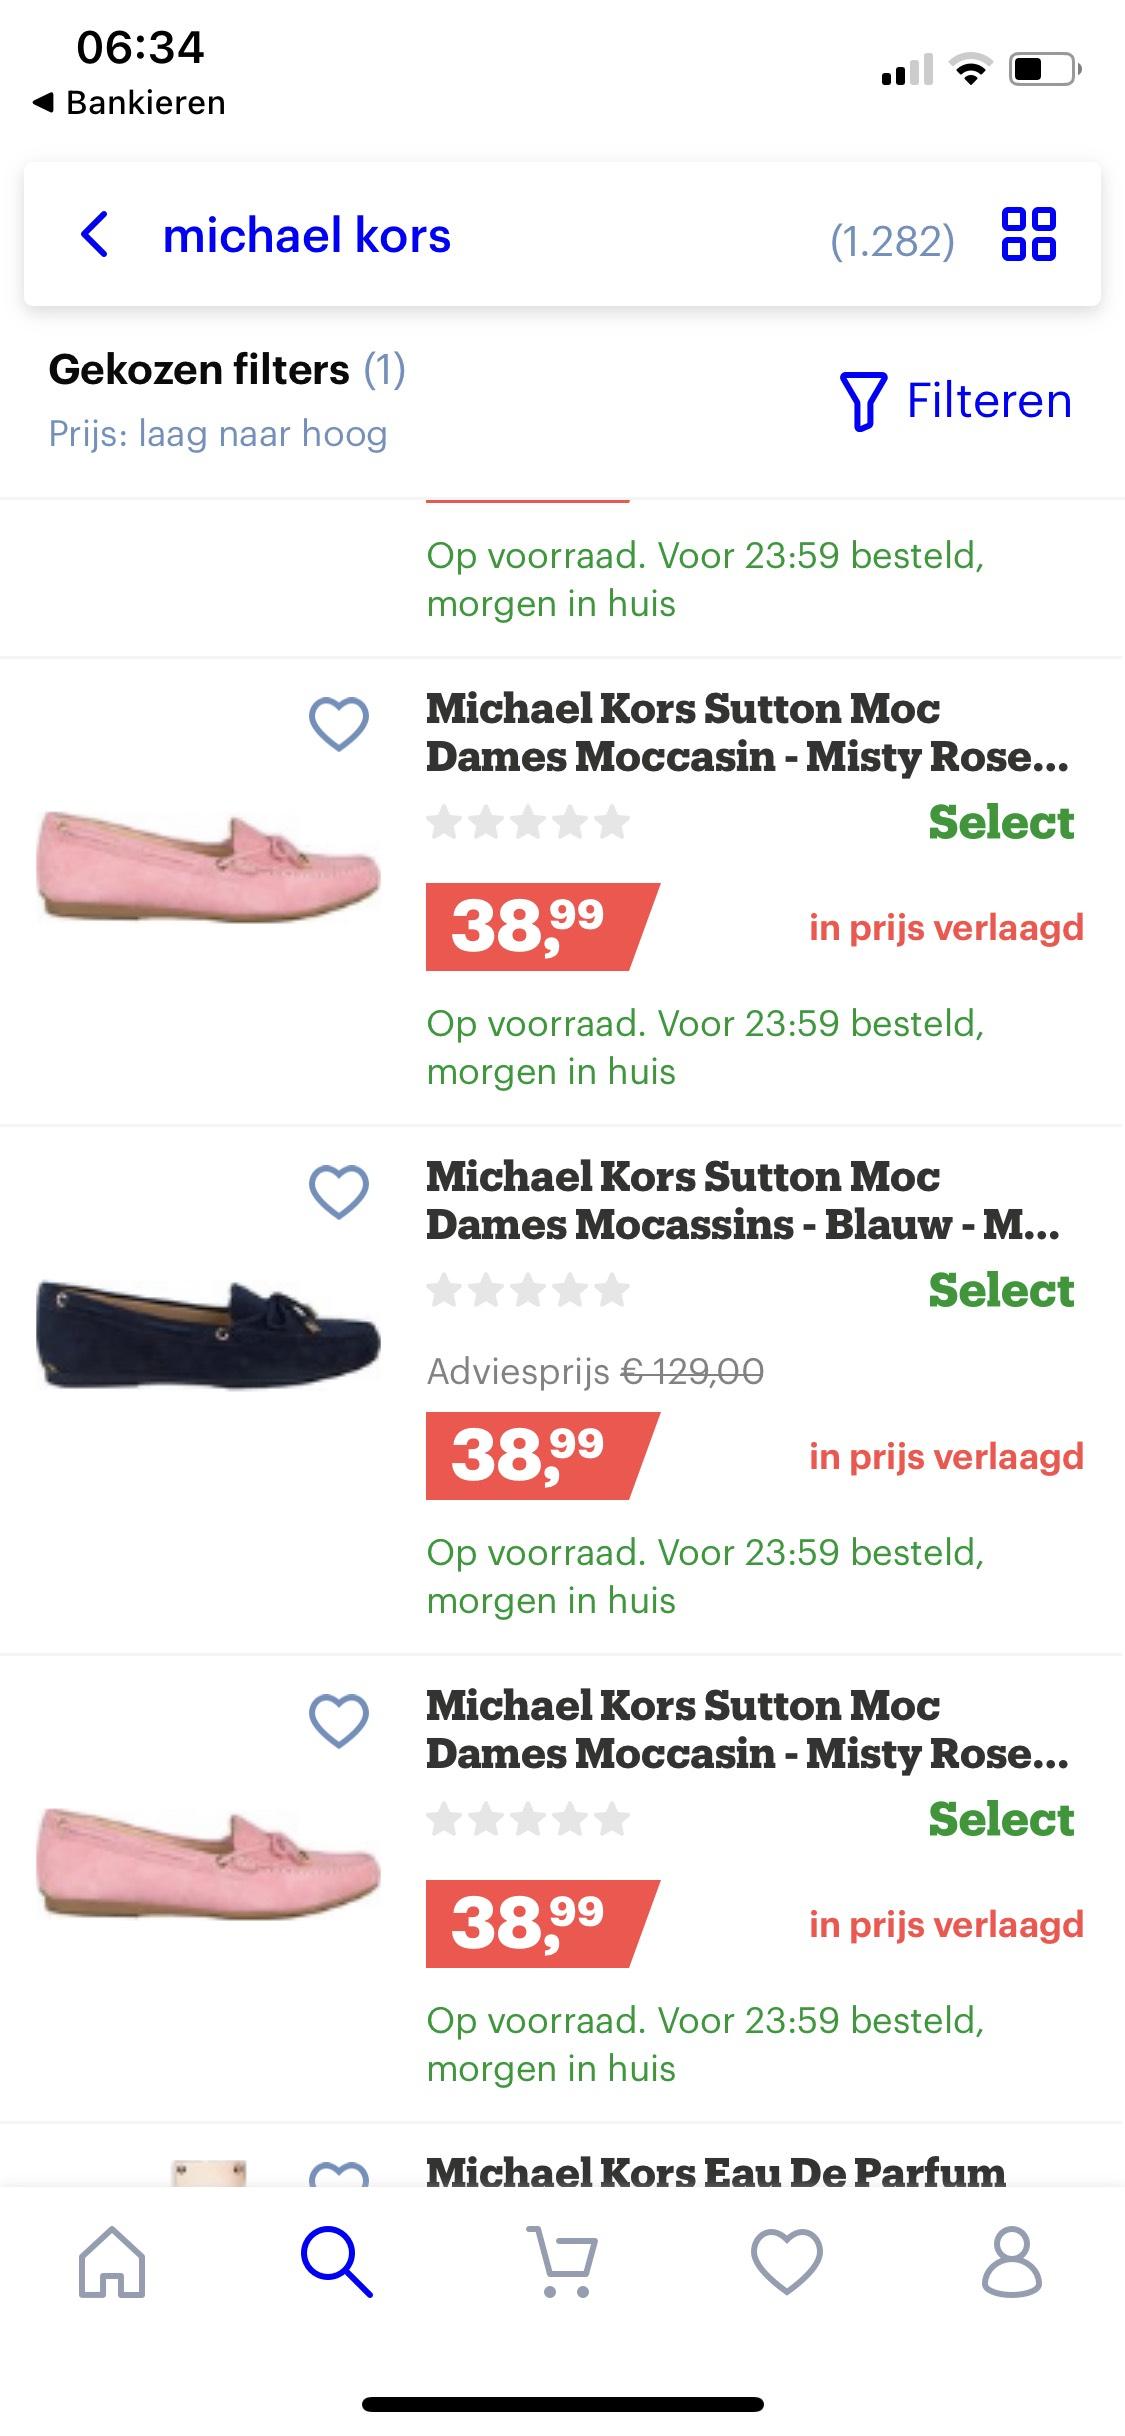 Michael kors schoenen en slippers